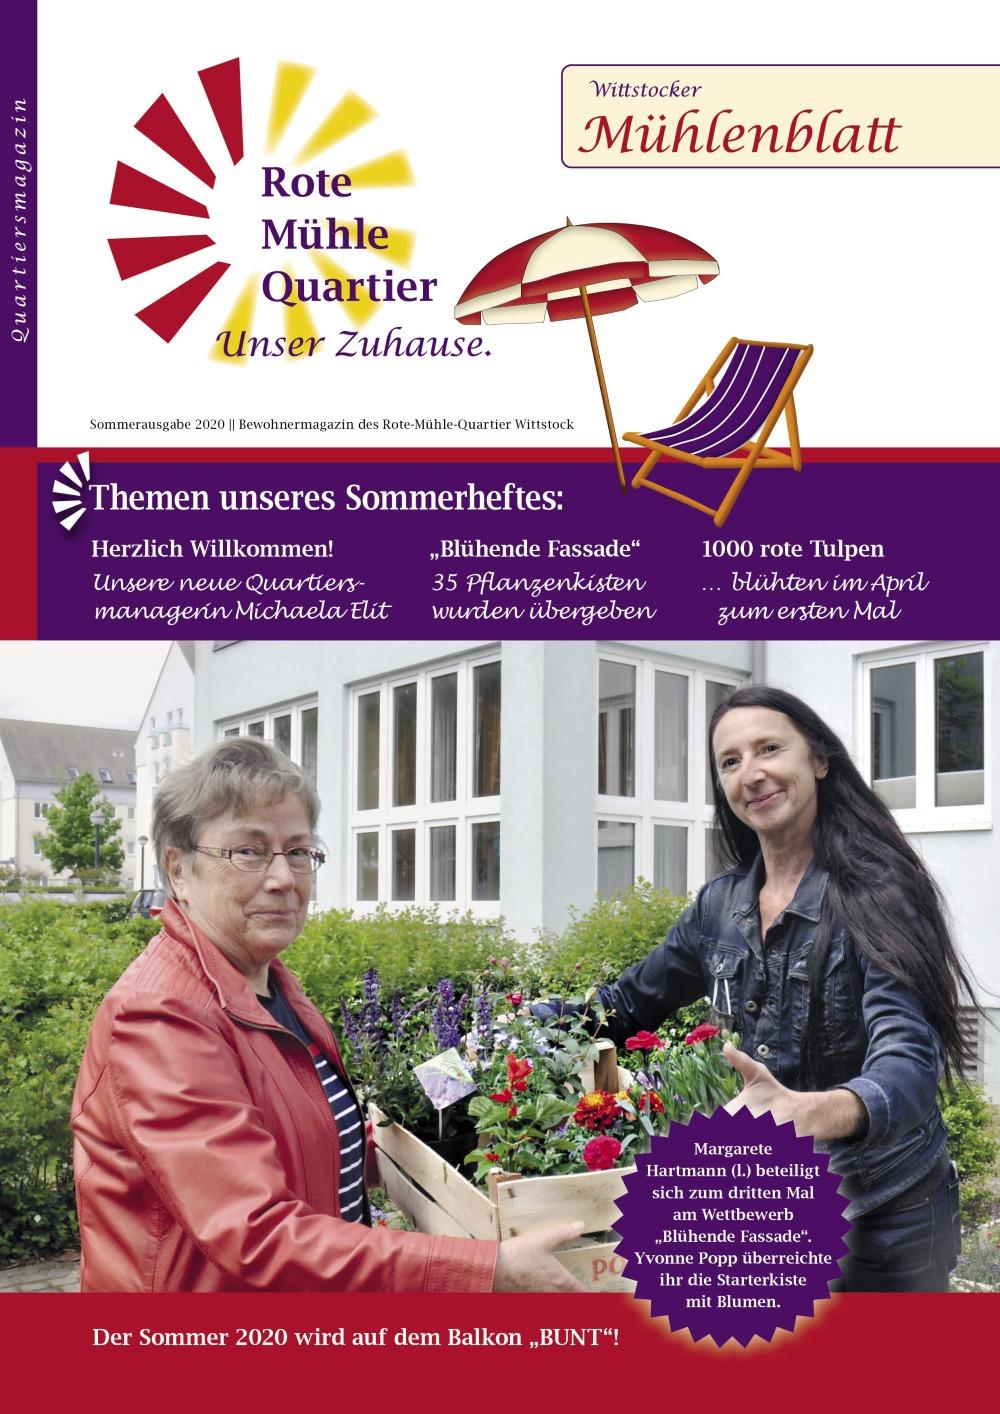 Rote Mühle Quartier Wittstock: Mühlenblatt-Titel der Sommerausgabe 2020